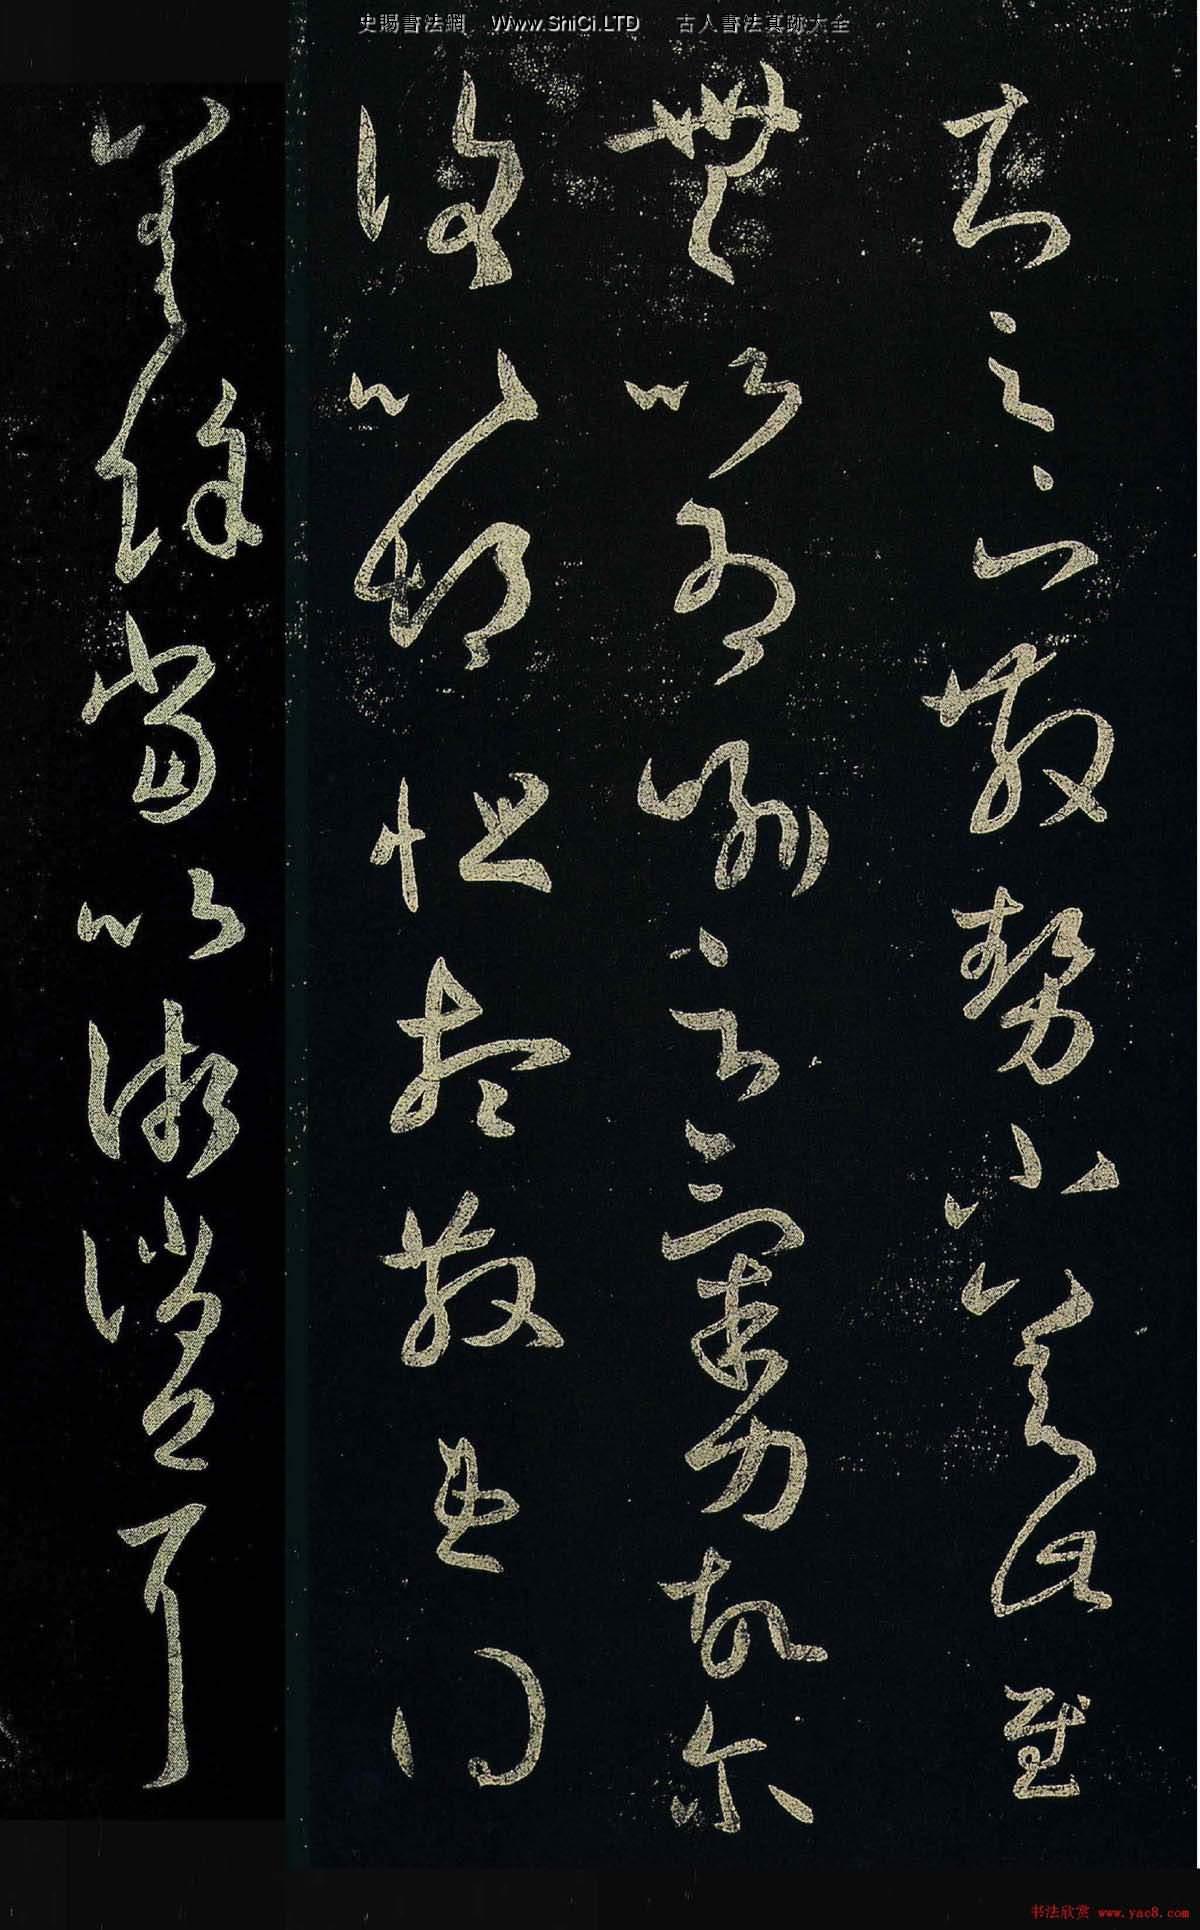 王羲之草書真跡欣賞《散勢帖》(共3張圖片)